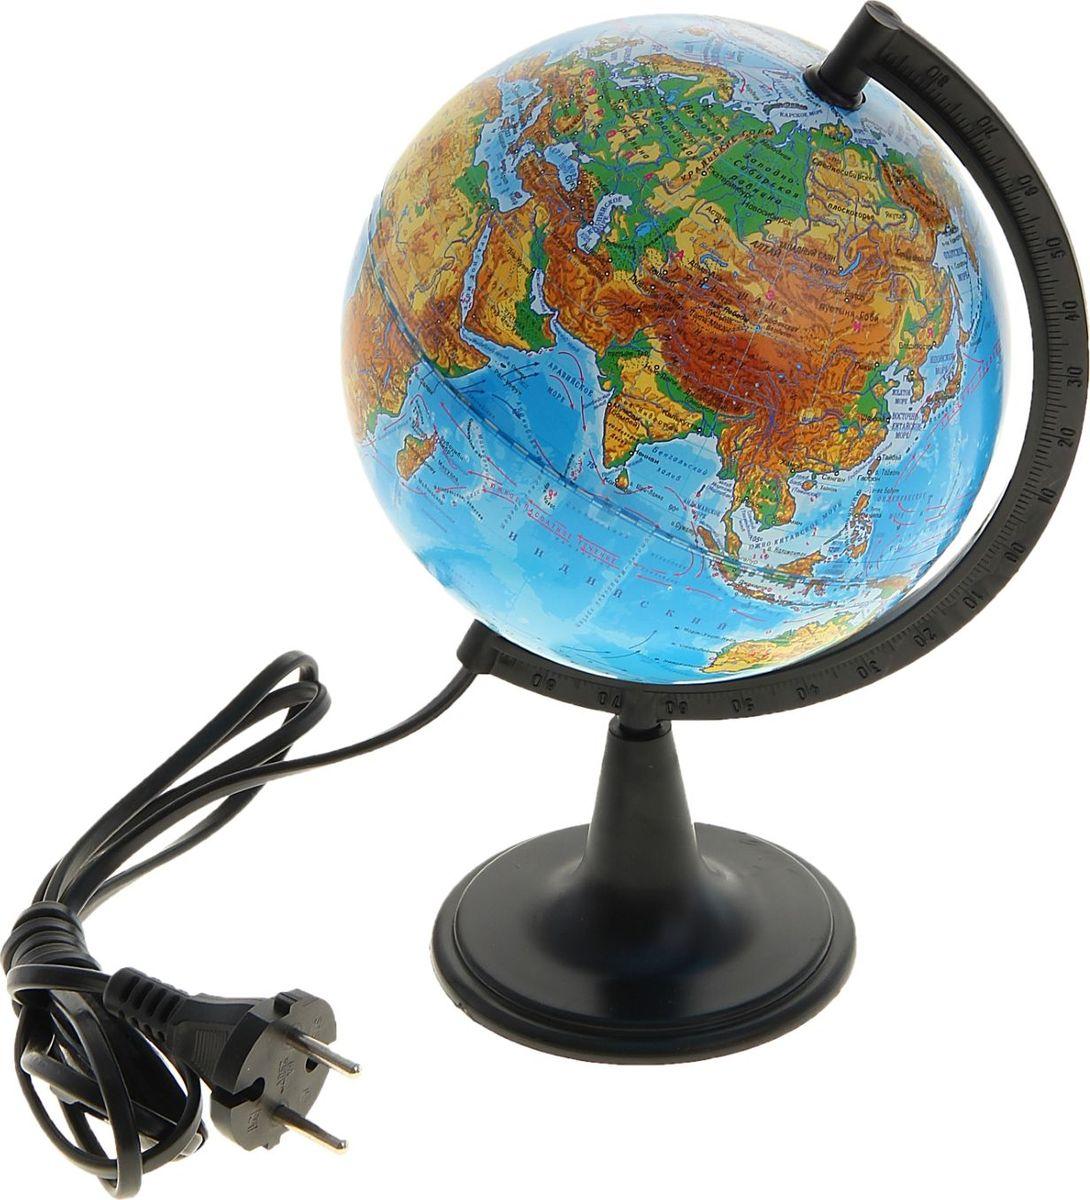 Глобусный мир Глобус физический с подсветкой диаметр 15 см1065208Глобус для всех, глобус каждому! Глобус — самый простой способ привить ребенку любовь к географии. Он является отличным наглядным примером, который способен в игровой доступной и понятной форме объяснить понятия о планете Земля. Также интерес к глобусам проявляют не только детки, но и взрослые. Для многих уменьшенная копия планеты заменяет атлас мира из-за своей доступности и универсальности. Умный подарок! Кому принято дарить глобусы? Всем! Глобус физический диаметр 150 мм, с подсветкой — это уменьшенная копия земного шара, в которой каждый найдет для себя что-то свое. путешественники и заядлые туристы смогут отмечать с помощью стикеров те места, в которых побывали или собираются их посетить деловые и успешные люди оценят такой подарок по достоинству, потому что глобус ассоциируется со статусом и властью преподаватели, ученые, студенты или просто неординарные личности также найдут для глобуса достойное место в своем доме. Итак, спешите заказать...